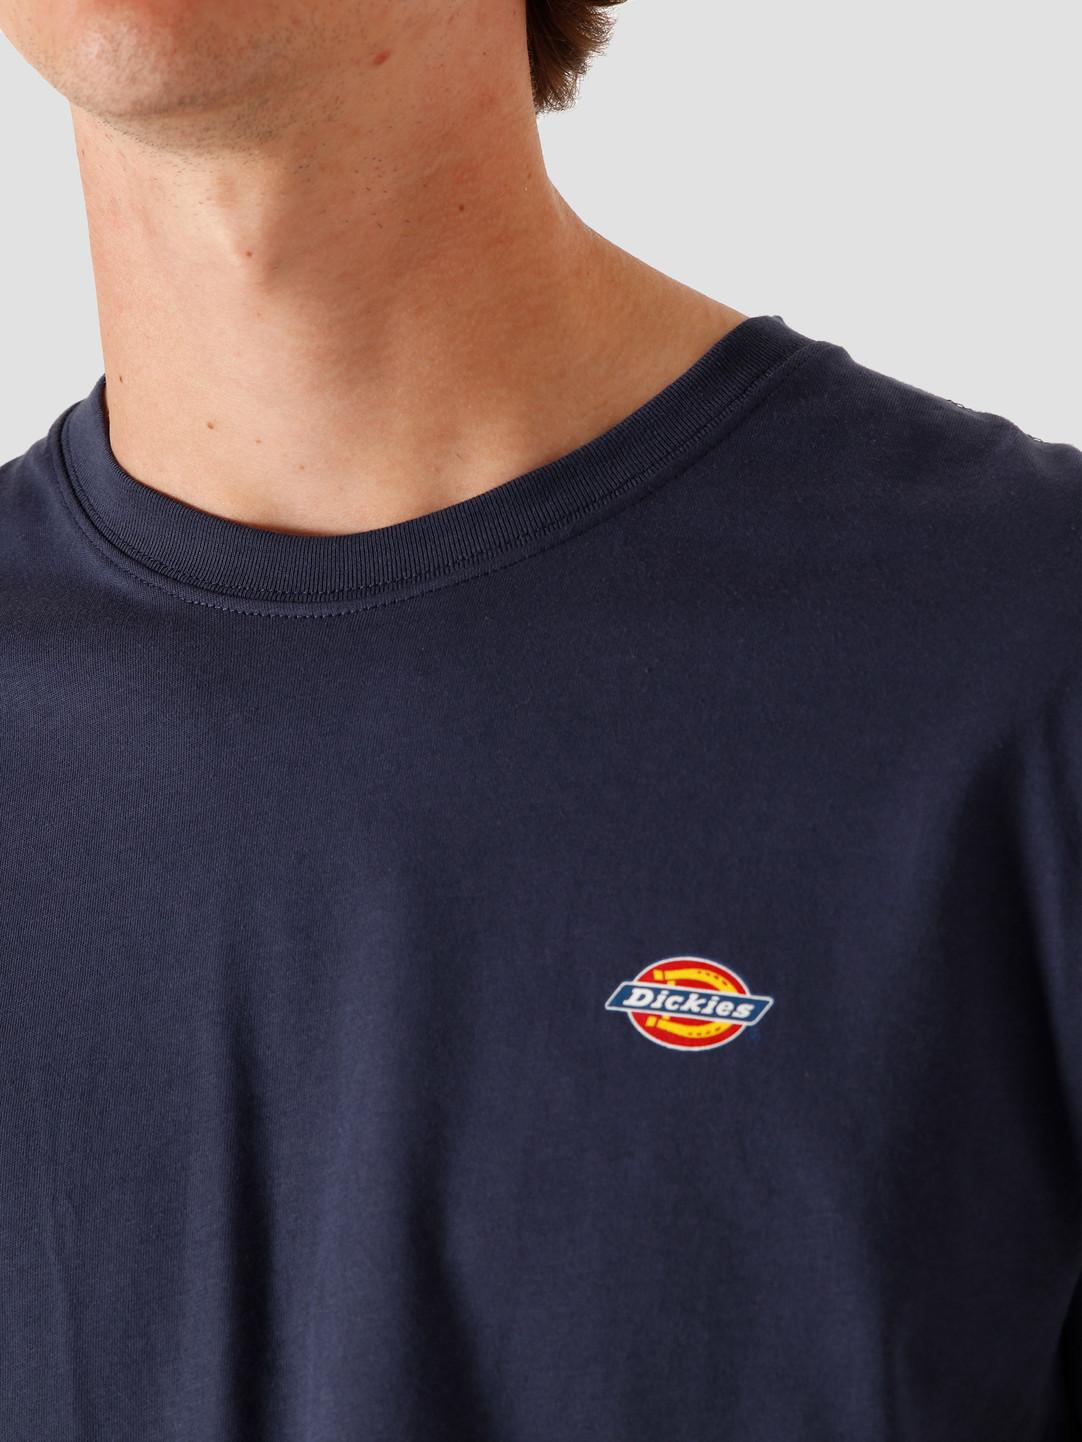 Dickies Dickies Stockdale T-Shirt Navy Blue DK621578NV01